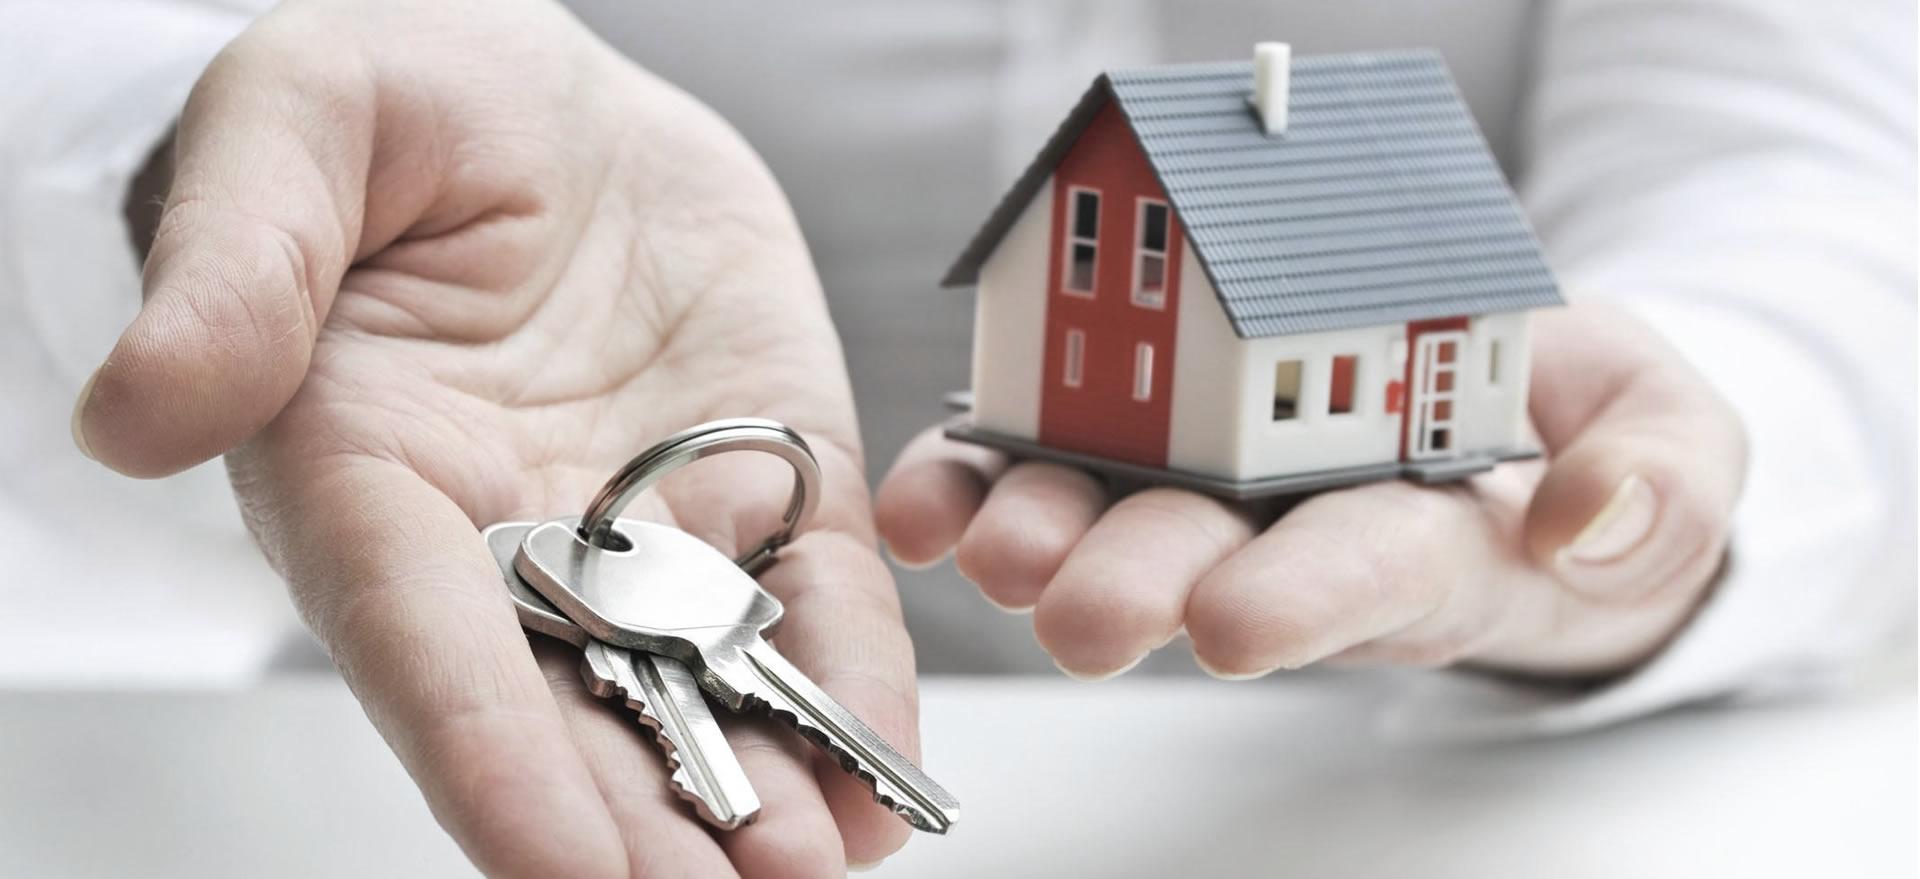 Acquistare casa: il nuovo è più caro, ma fa risparmiare tempo.